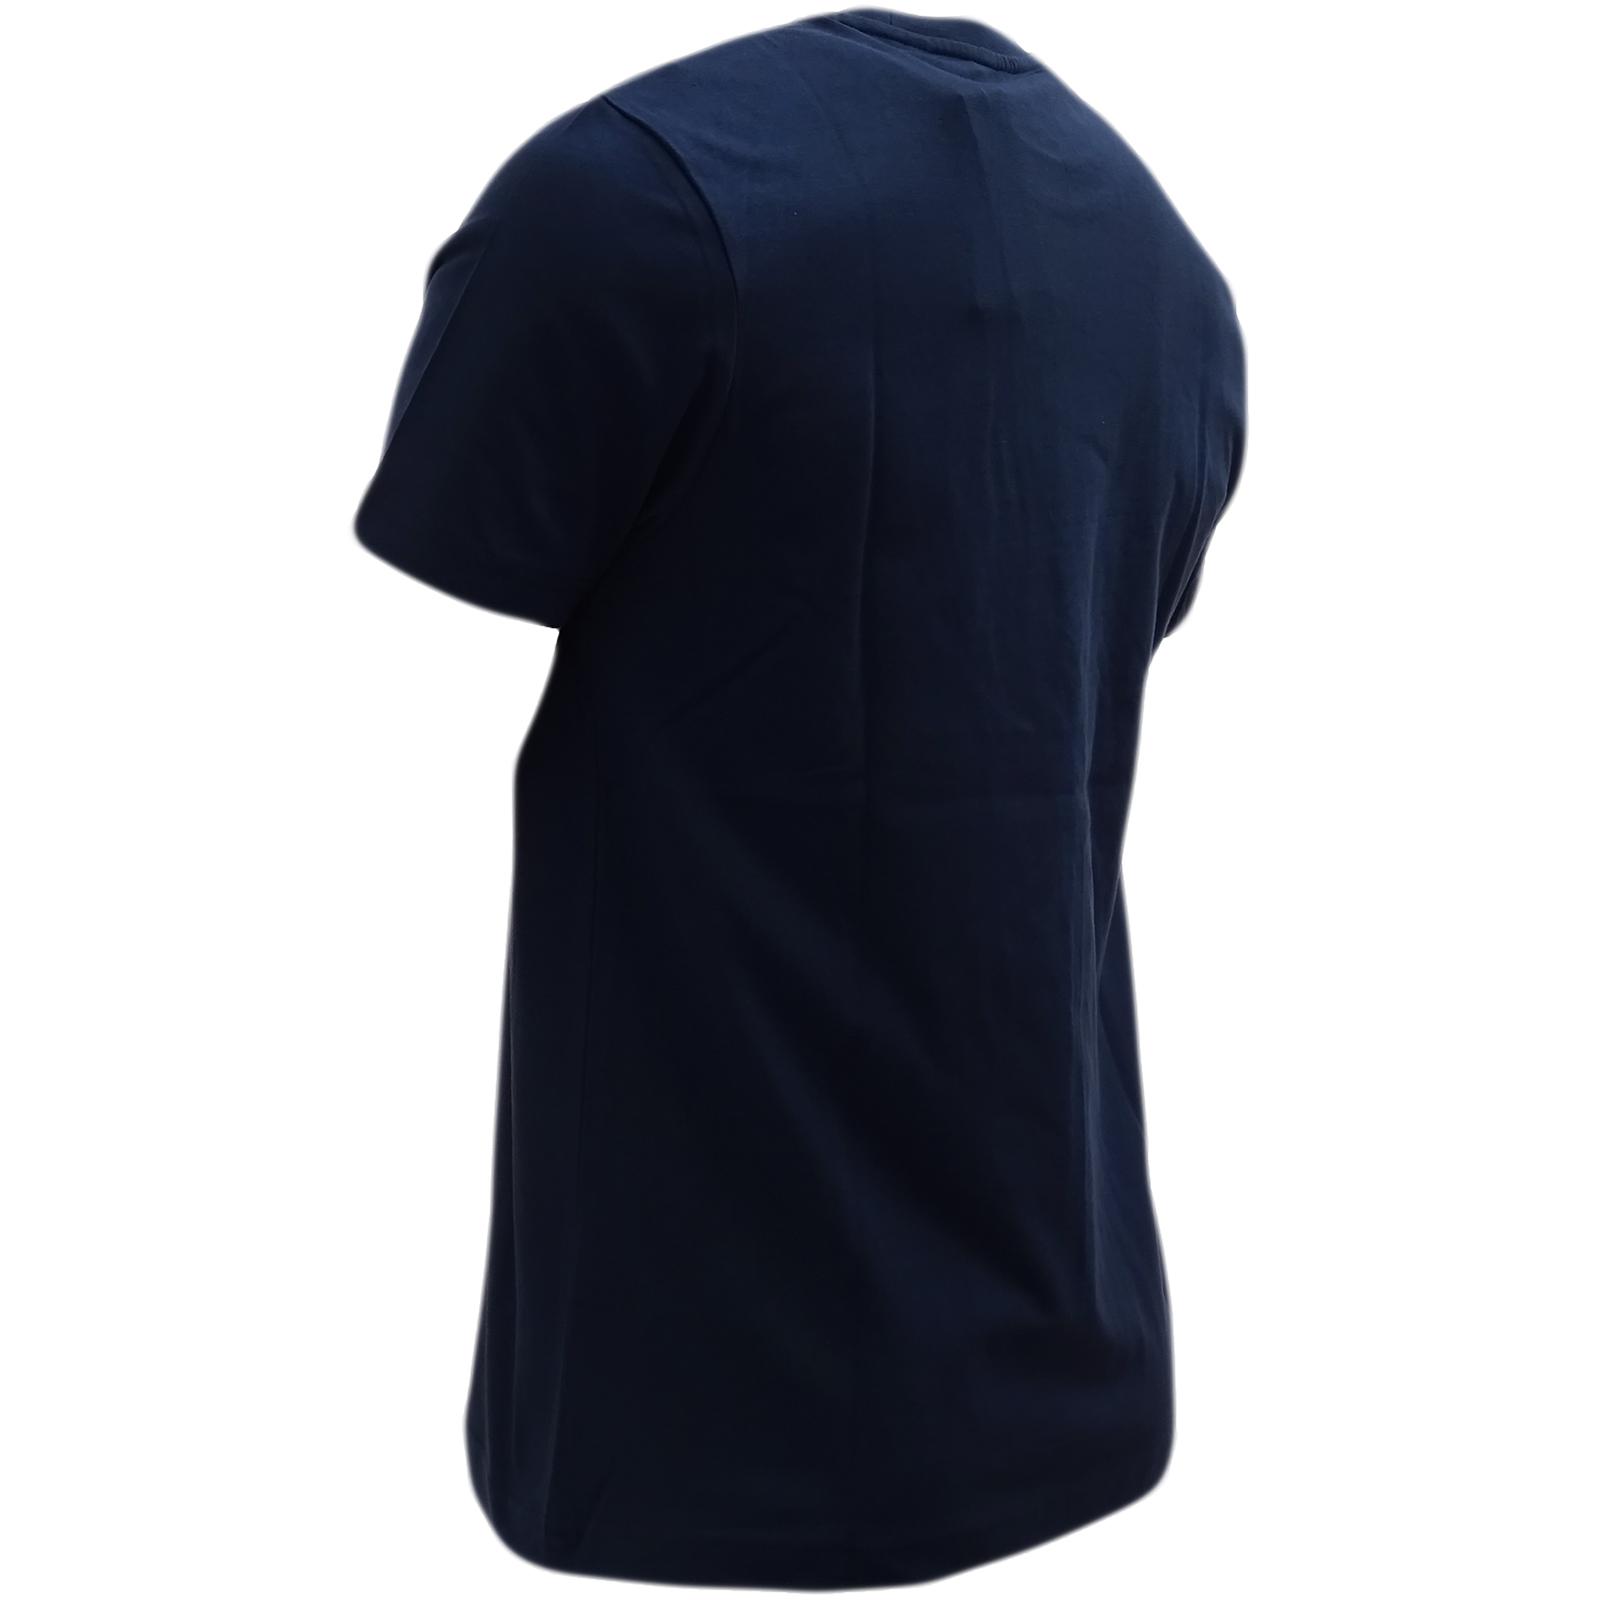 Original Penguin Dark Sapphire Sapphire Sapphire Great Weekend T-Shirt - Opks9444   Up-to-date Styling    Meistverkaufte weltweit  6010a0